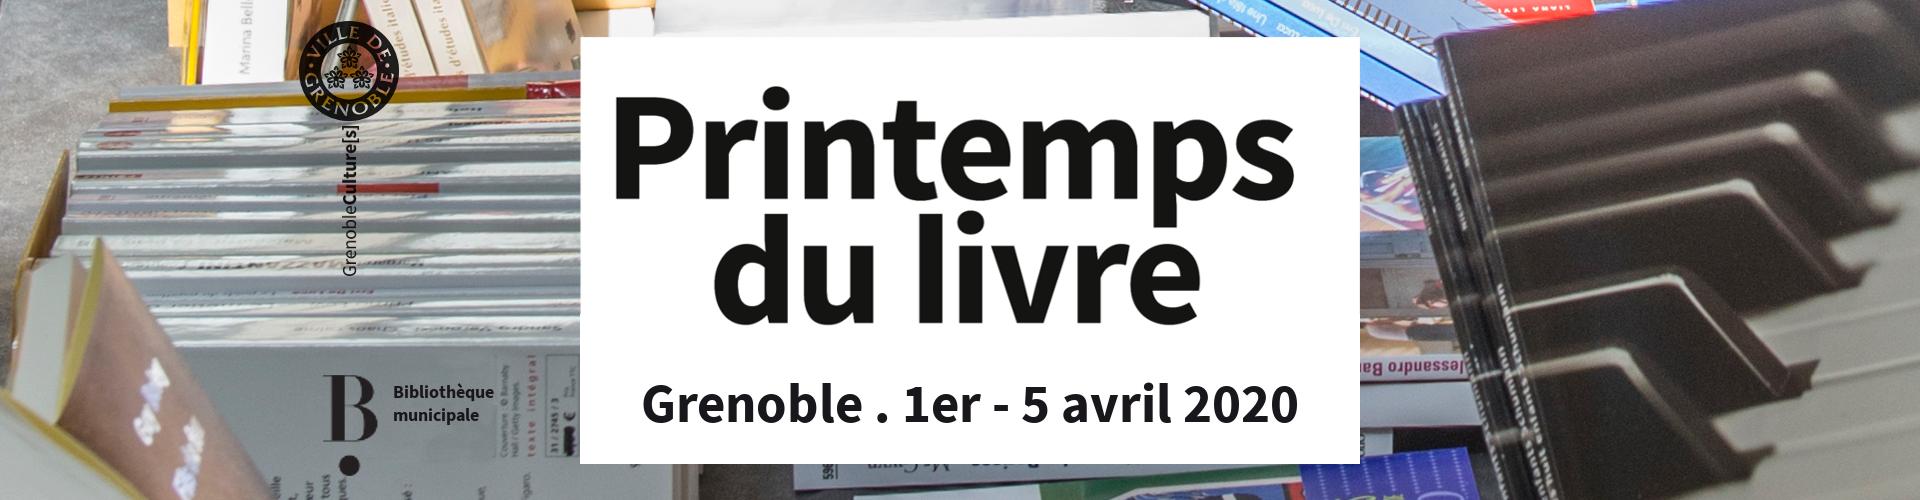 Le Printemps Du Livre Grenoble Du 1er Au 5 Avril 2020